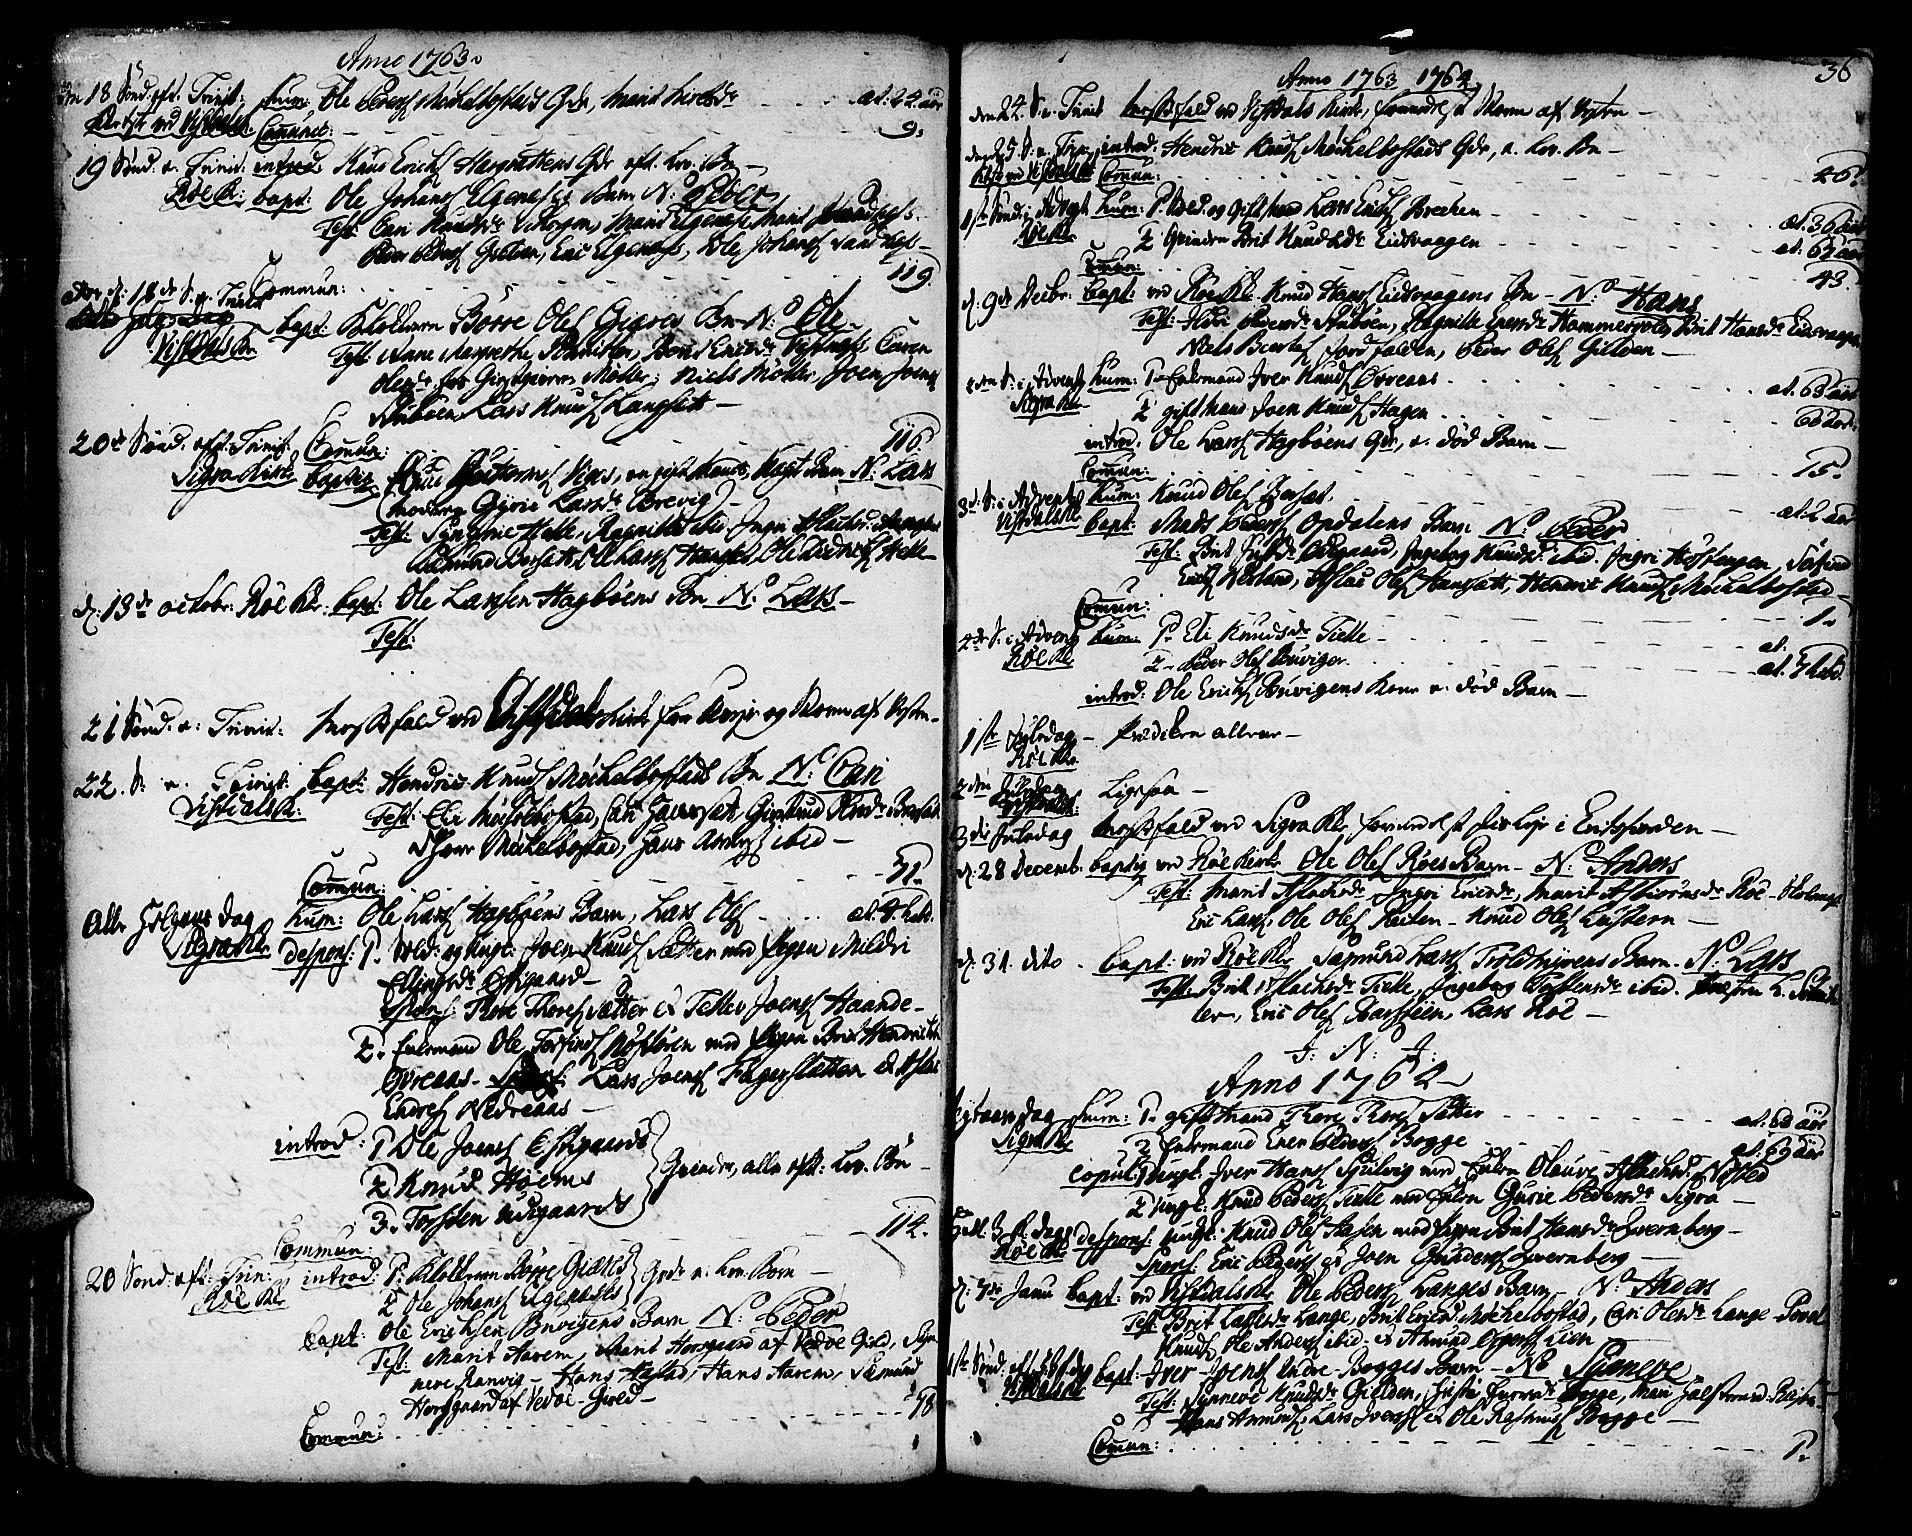 SAT, Ministerialprotokoller, klokkerbøker og fødselsregistre - Møre og Romsdal, 551/L0621: Ministerialbok nr. 551A01, 1757-1803, s. 36